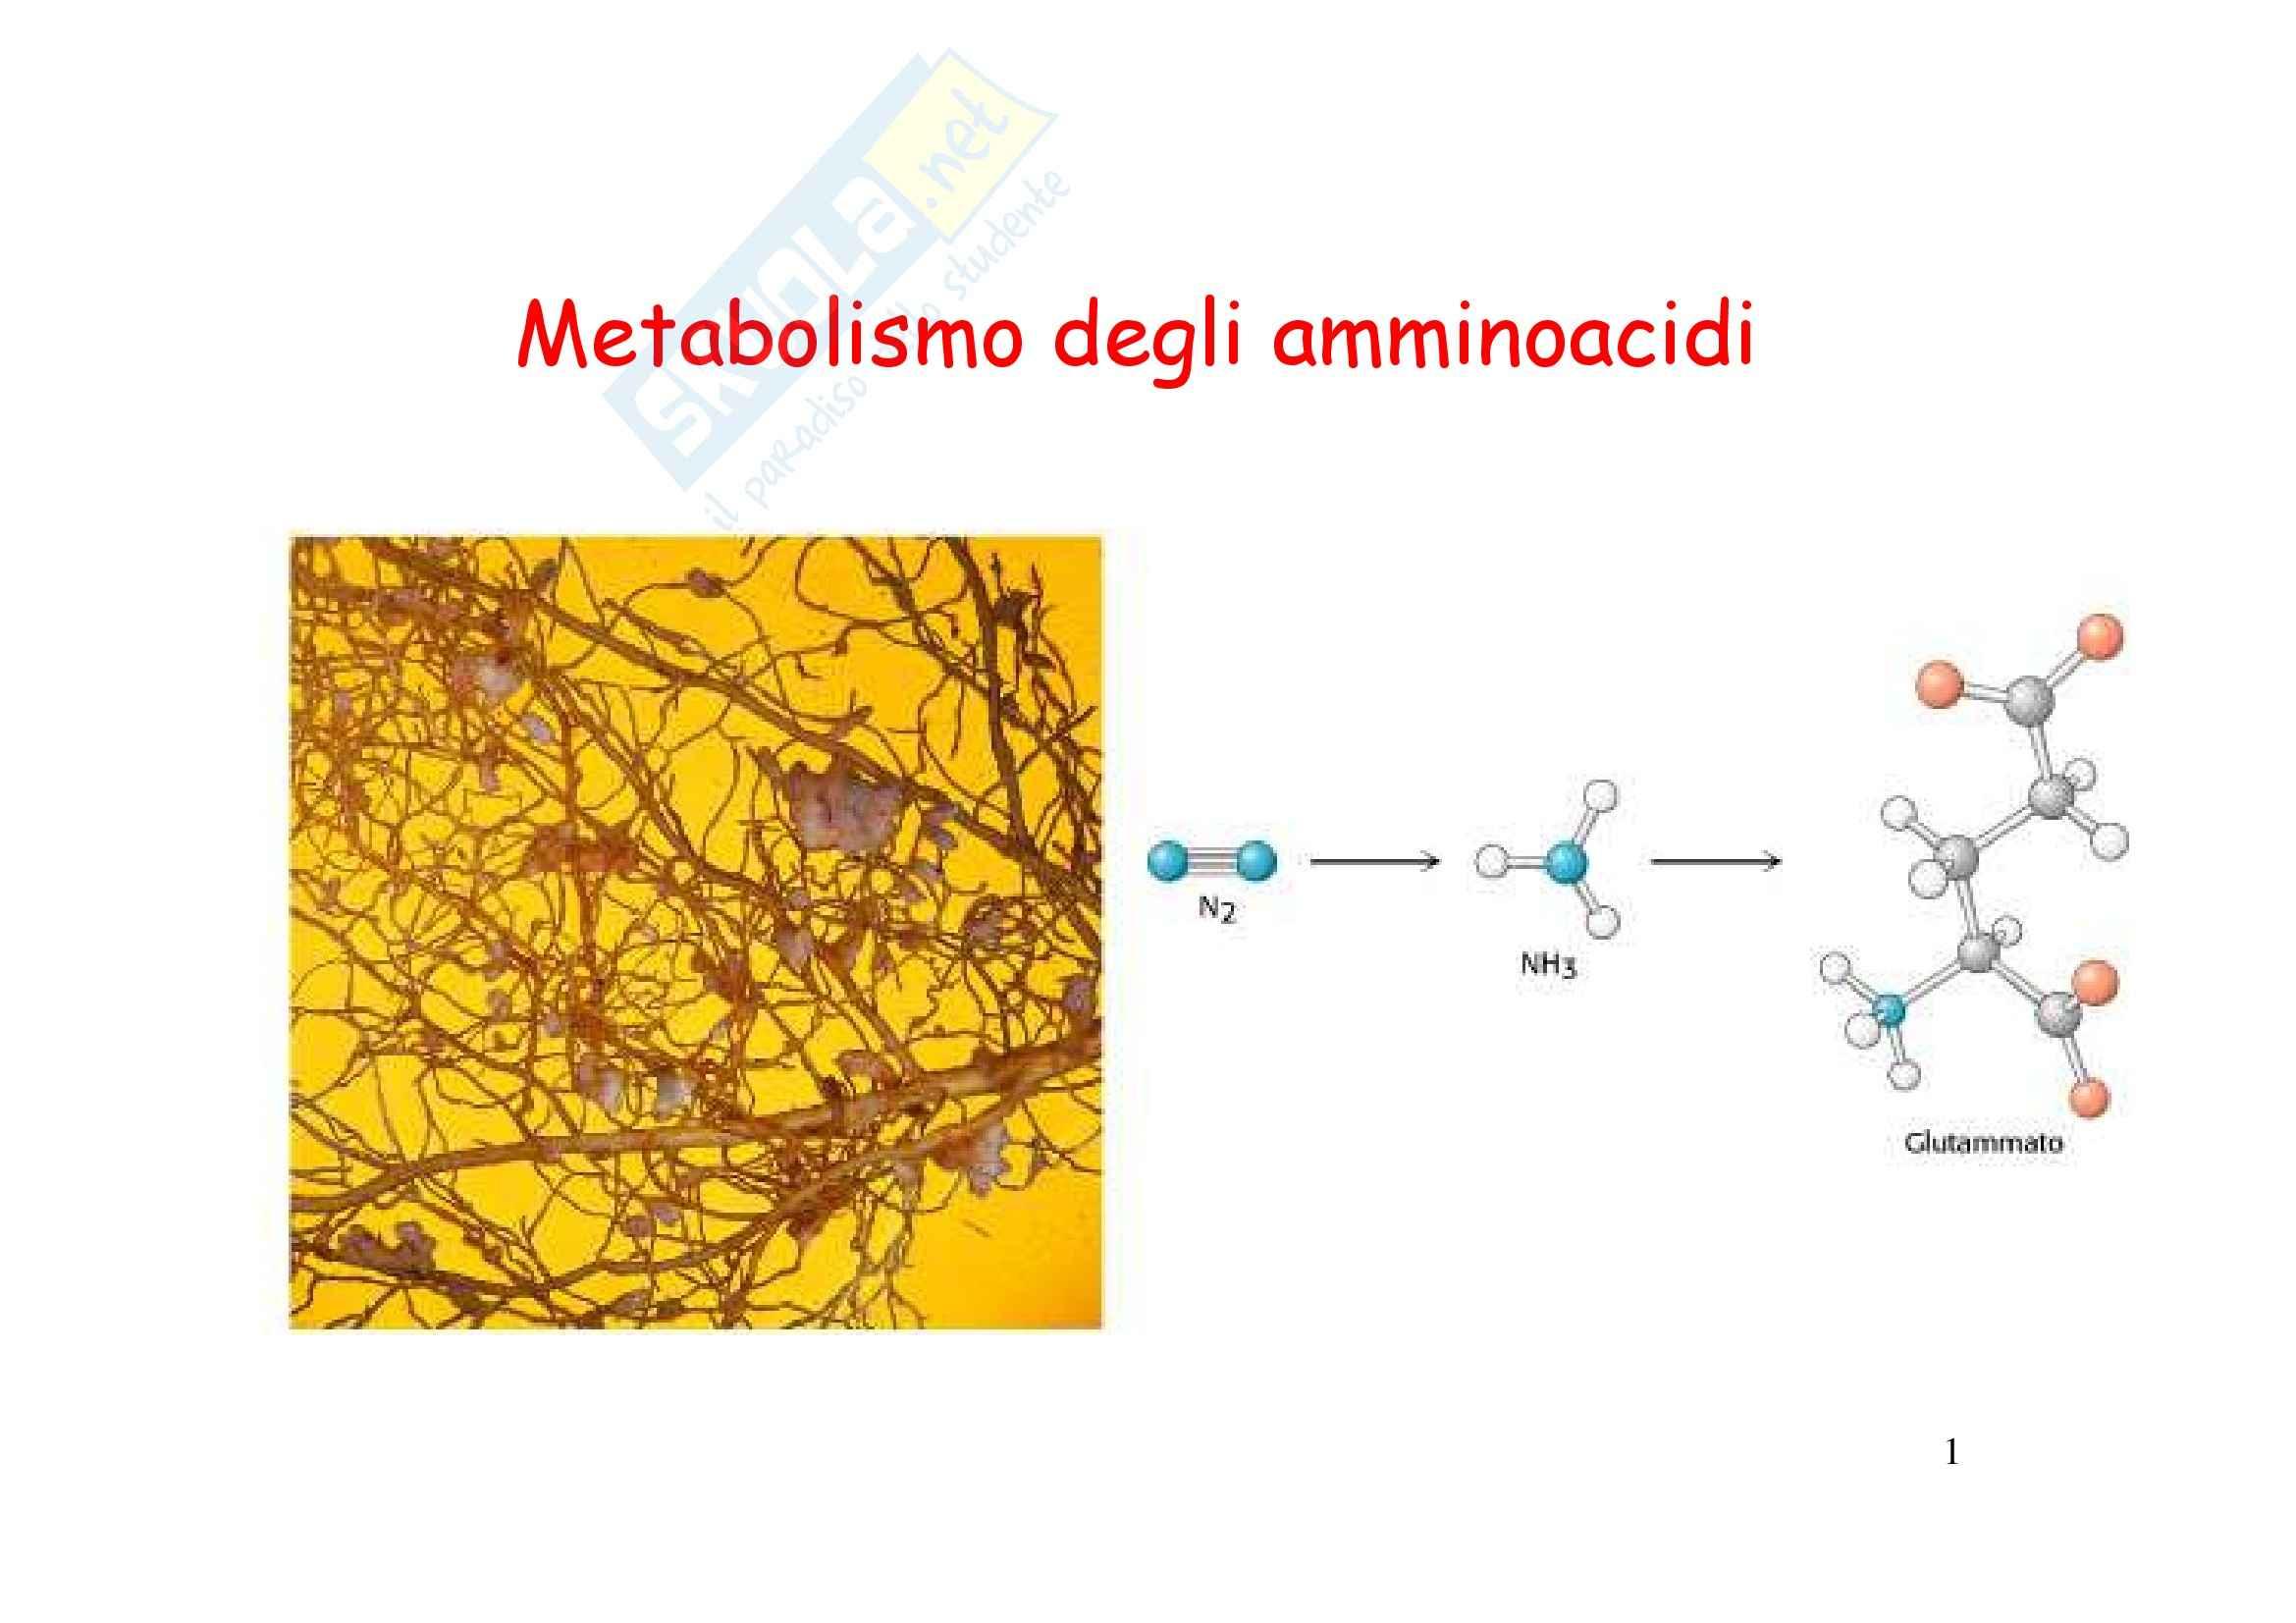 Biochimica e biologia molecolare - metabolismo degli amminoacidi